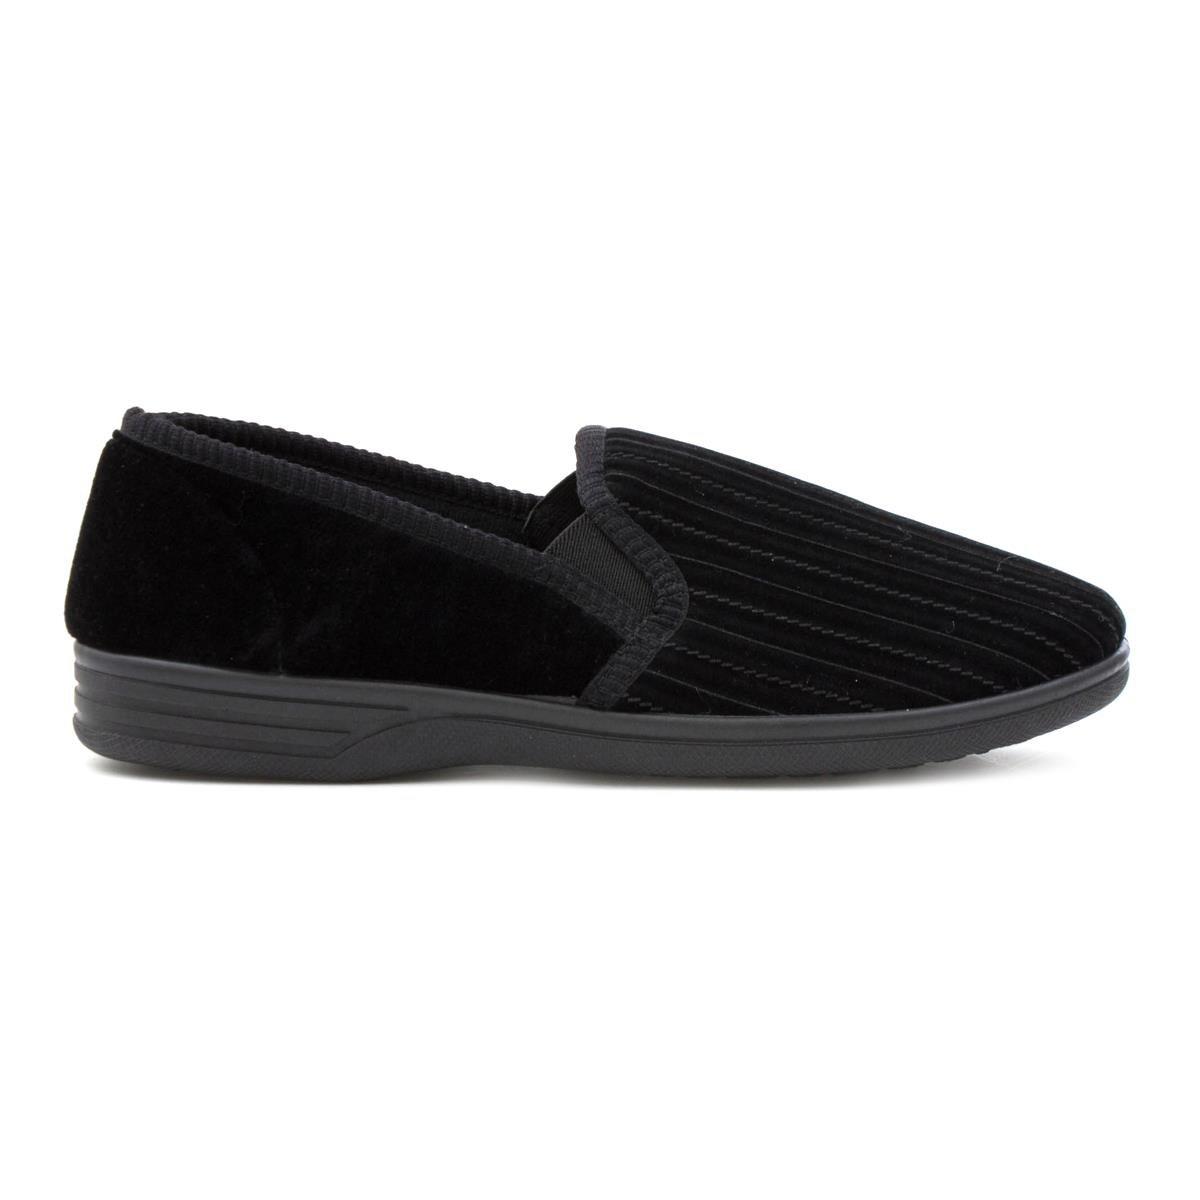 The Slipper Company Pantufla Negra, Rayada, Para Hombre - Talla 7 UK/40.5 EU - Negro